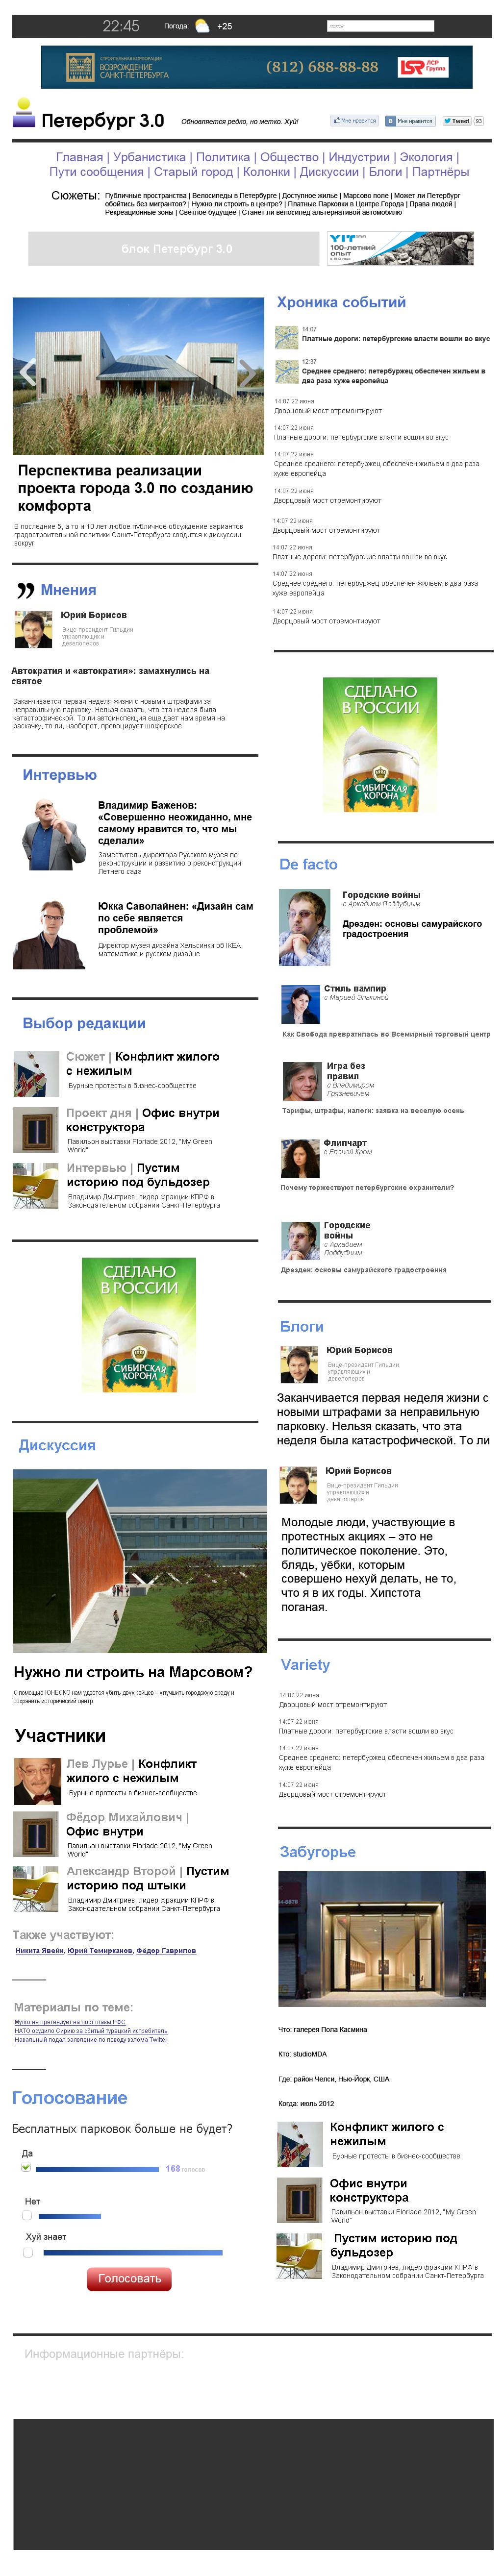 """Концепт для информационного портала """"Петербург 3.0"""""""